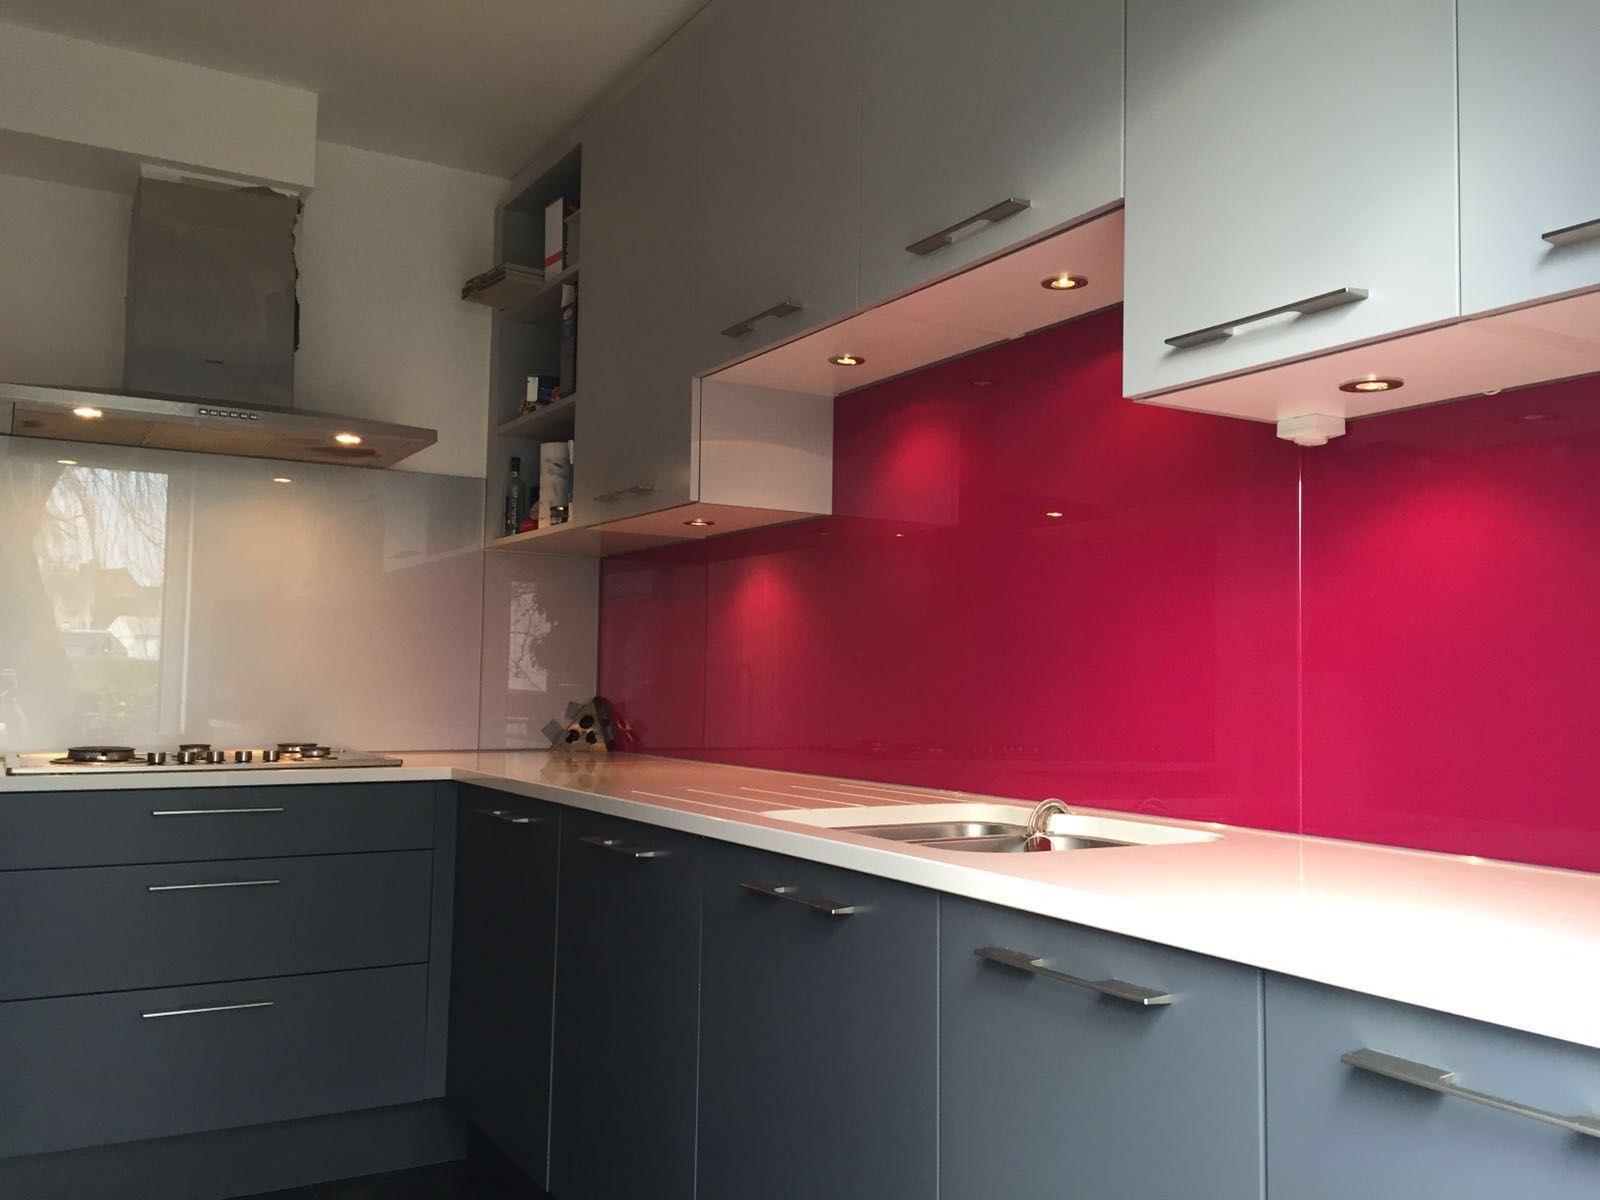 Combinatie kleuren keuken greeploze keuken met push to open kasten